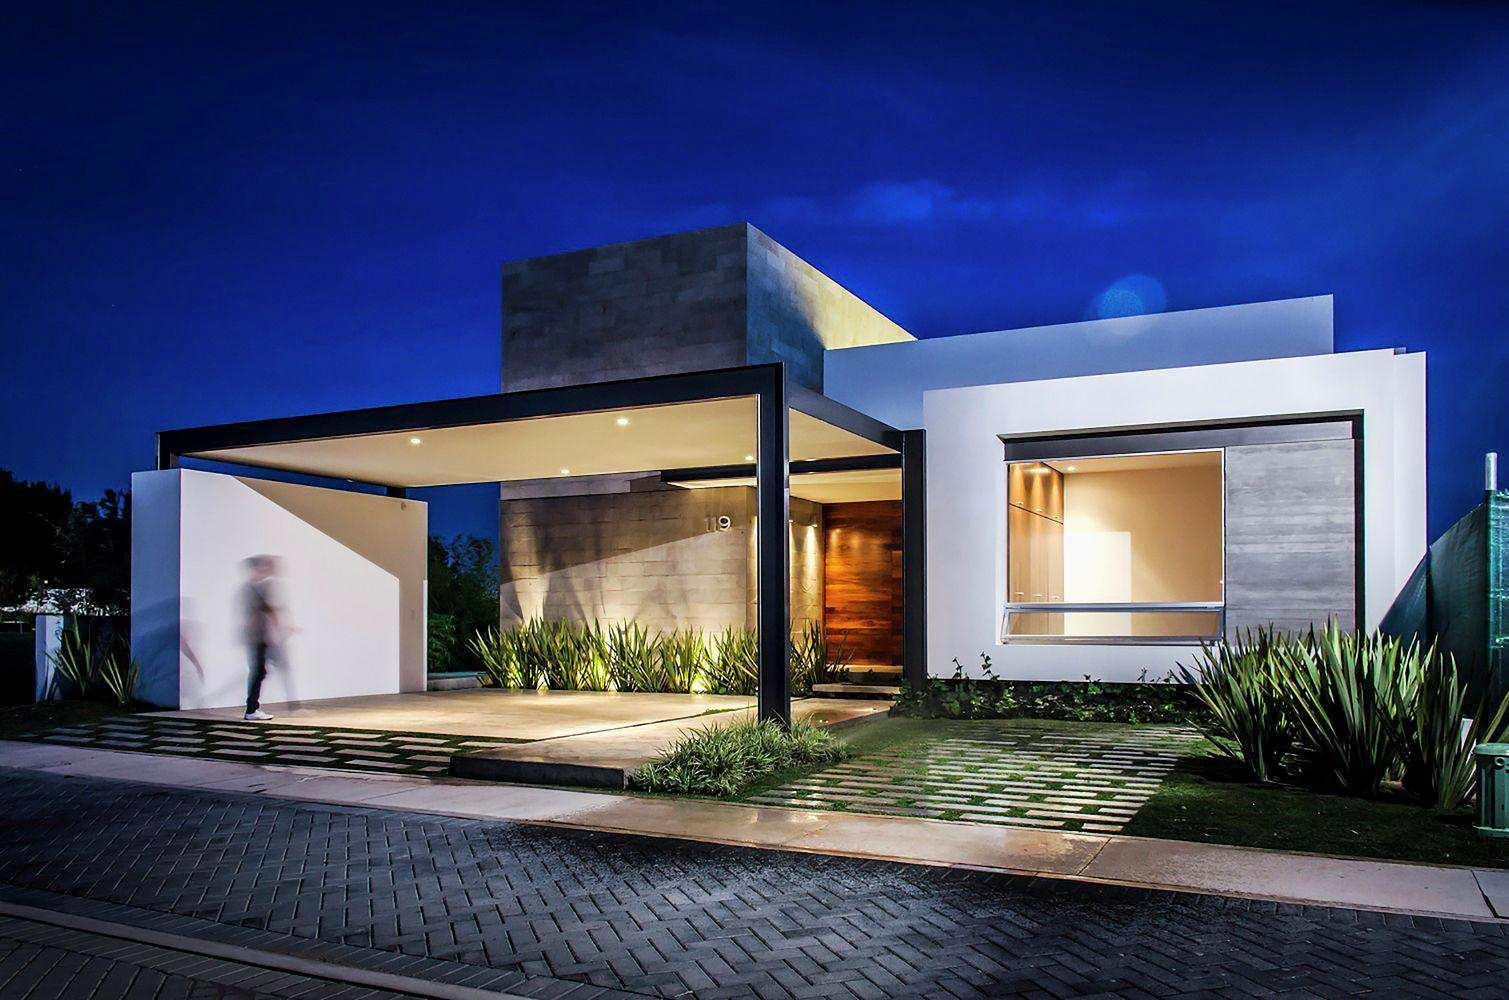 Casa de Condomínio com 2 dorms, Tupiry, Praia Grande - R$ 9.99 mi, Cod: 7